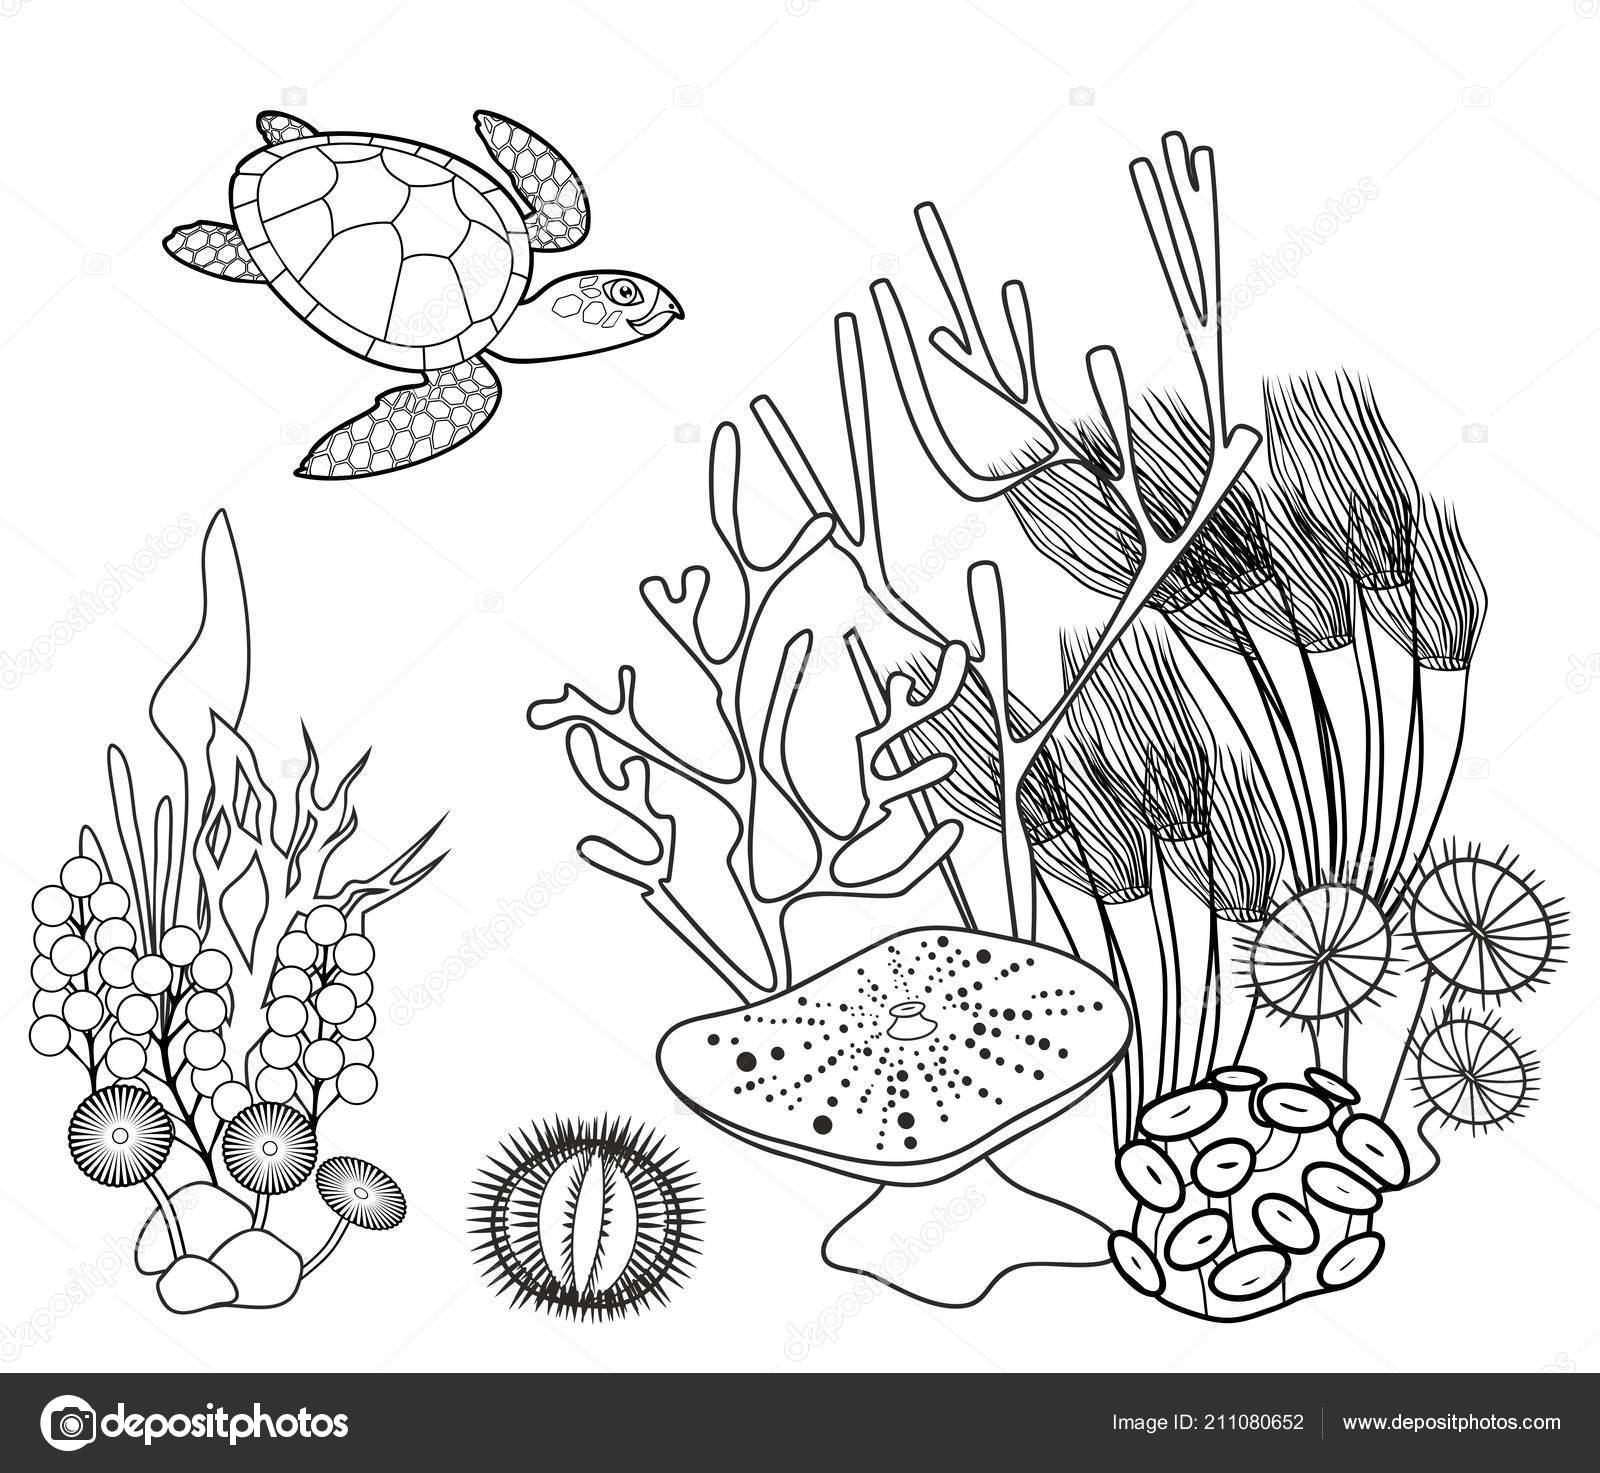 Boyama Sayfası Mercan Kaplumbağa Diğer Deniz Hayvanları Stok